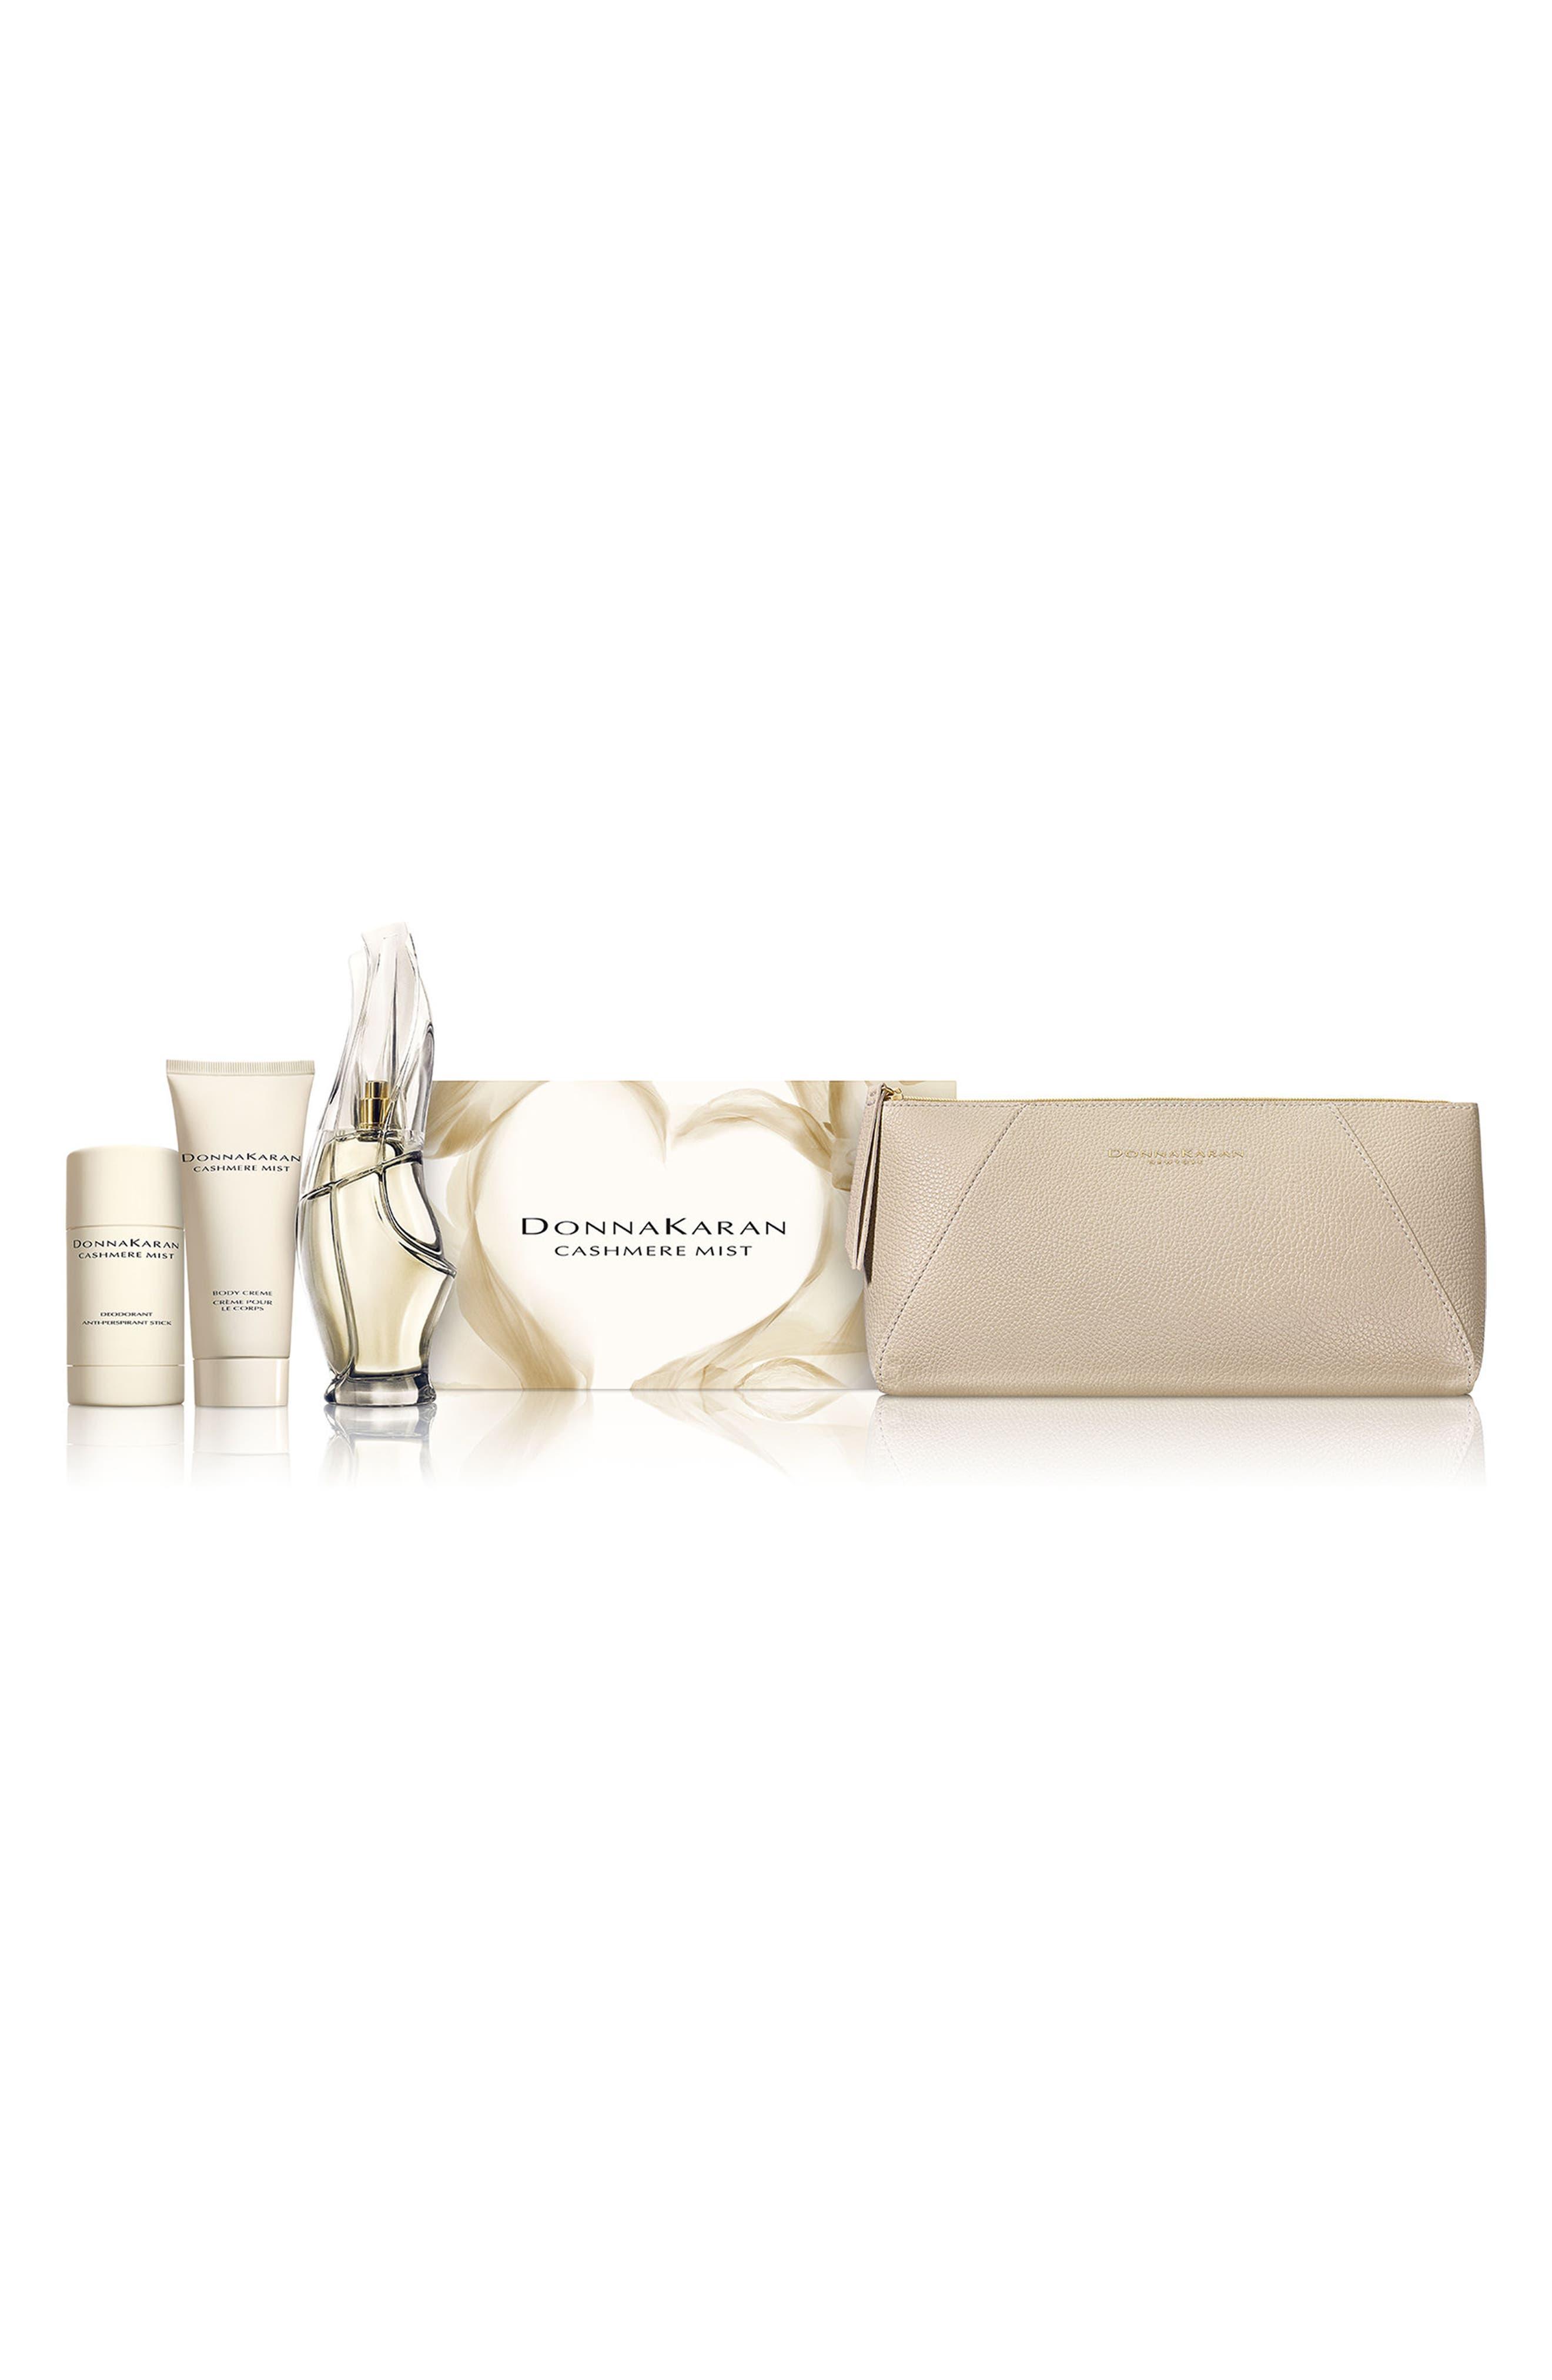 Donna Karan Cashmere Mist Favorites Set ($150 Value)